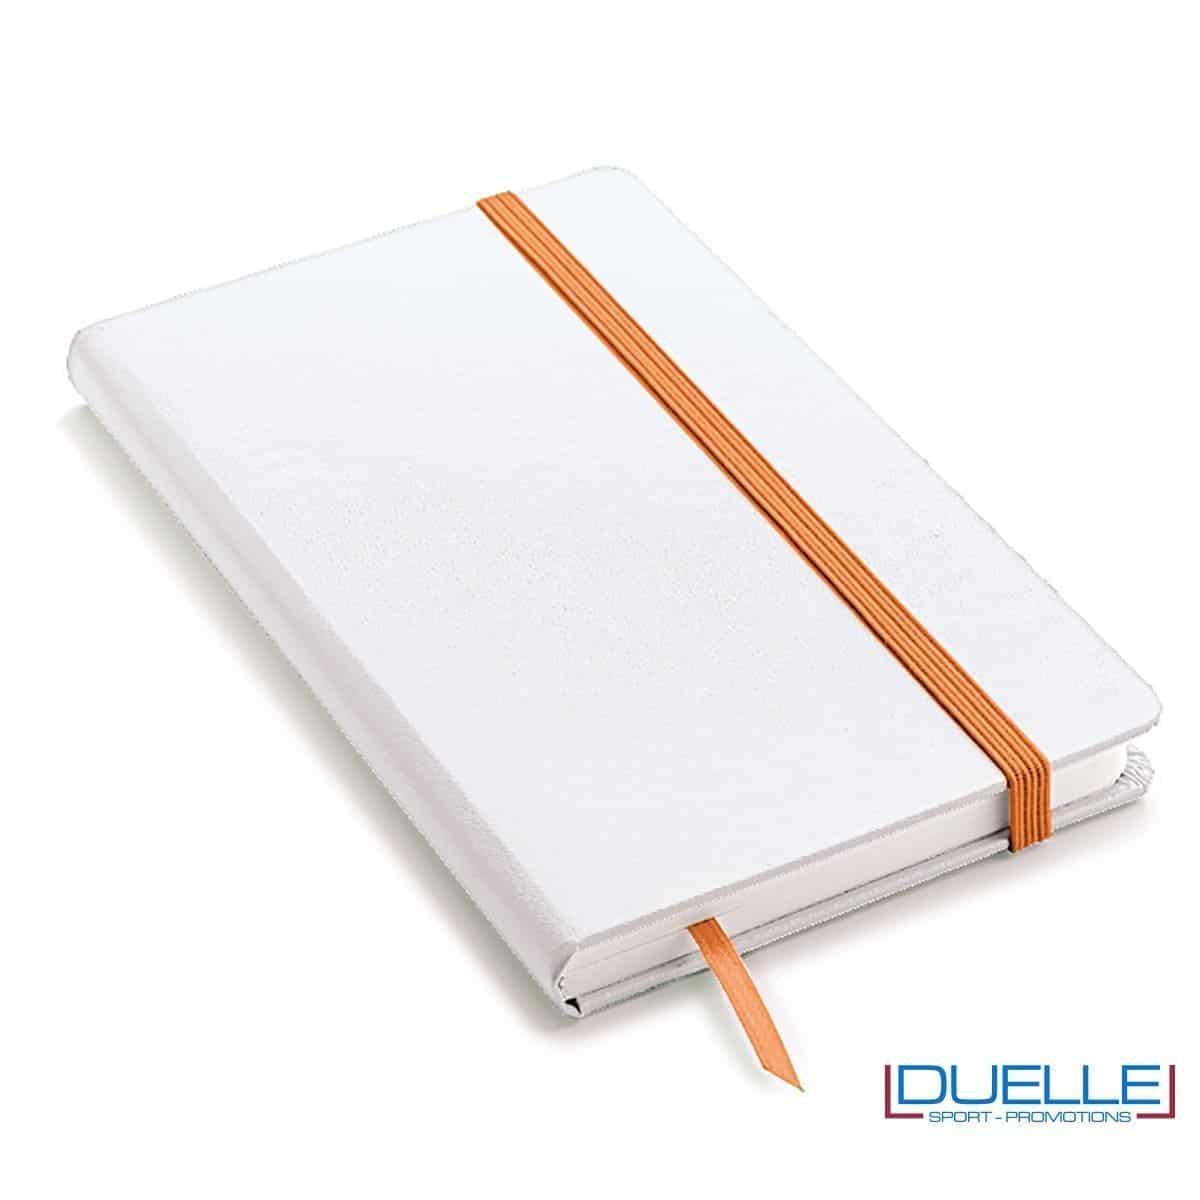 Blocco appunti A5 copertina bianca elastico e segna pagine colore arancione